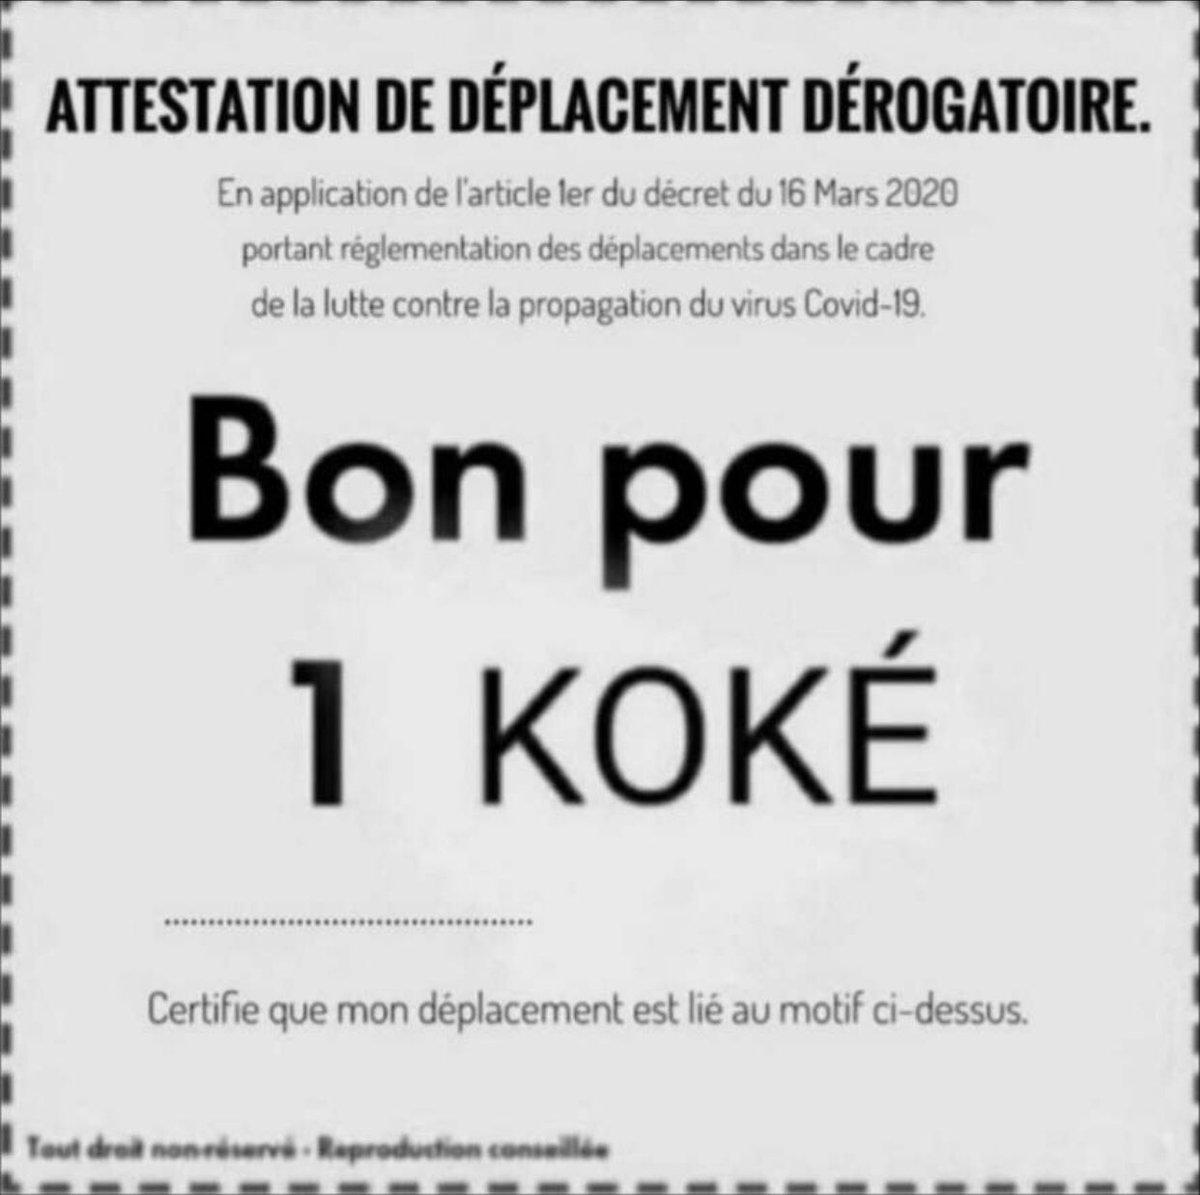 Attestation de déplacement dérogatoire pour un Koké lors du couvre feu voilà me remercier pas 😘🤣 https://t.co/yzAmy0S0W0